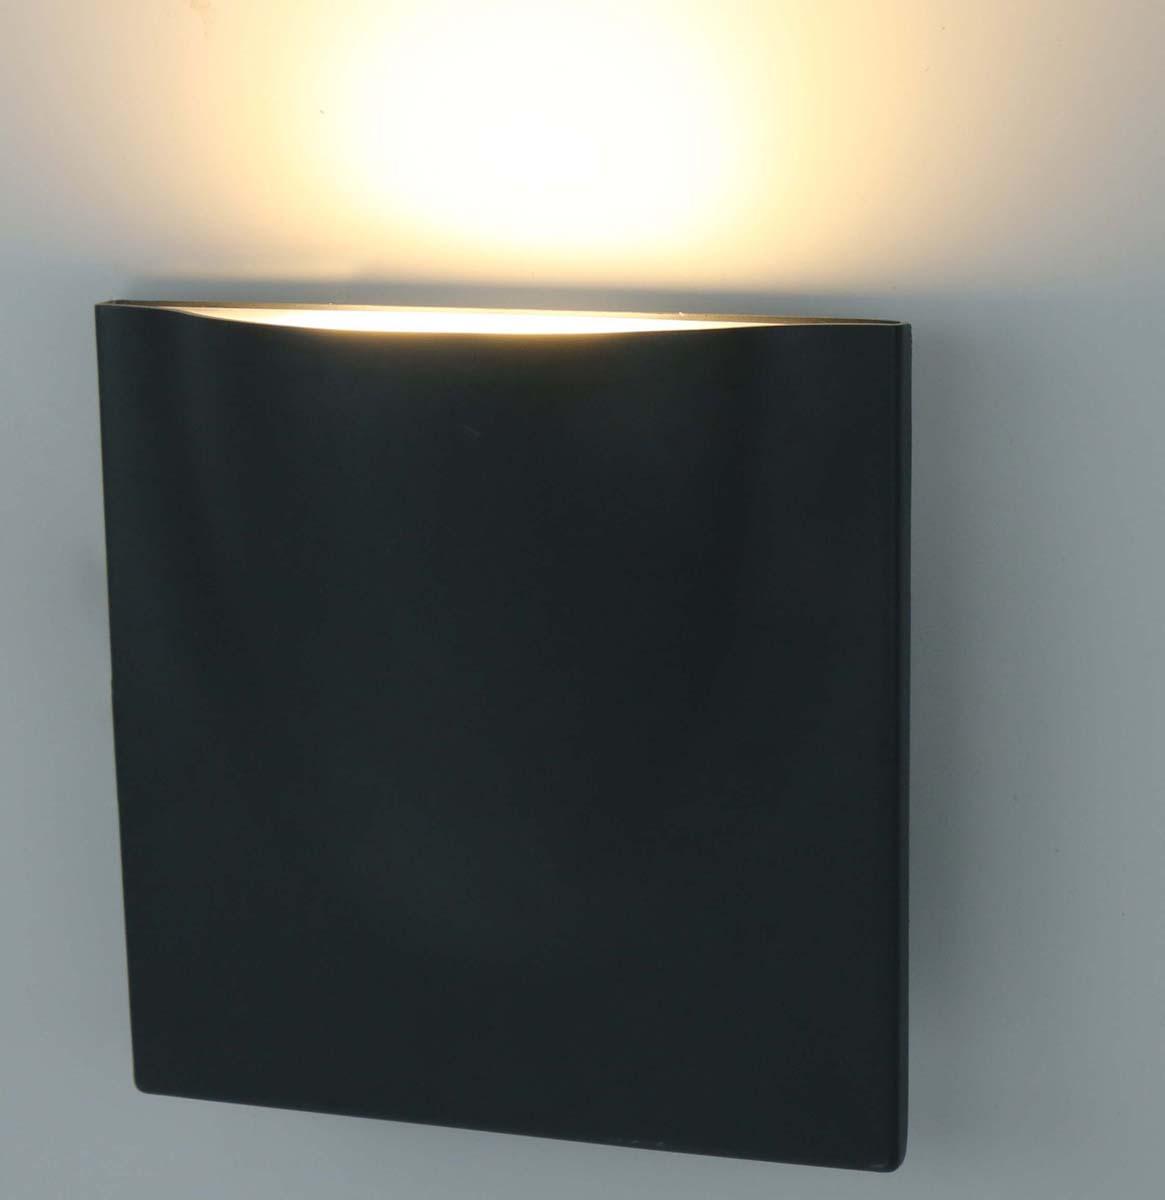 Светильник уличный Arte Lamp Tasca, 1 х LED, 12 W. A8512AL-1GY